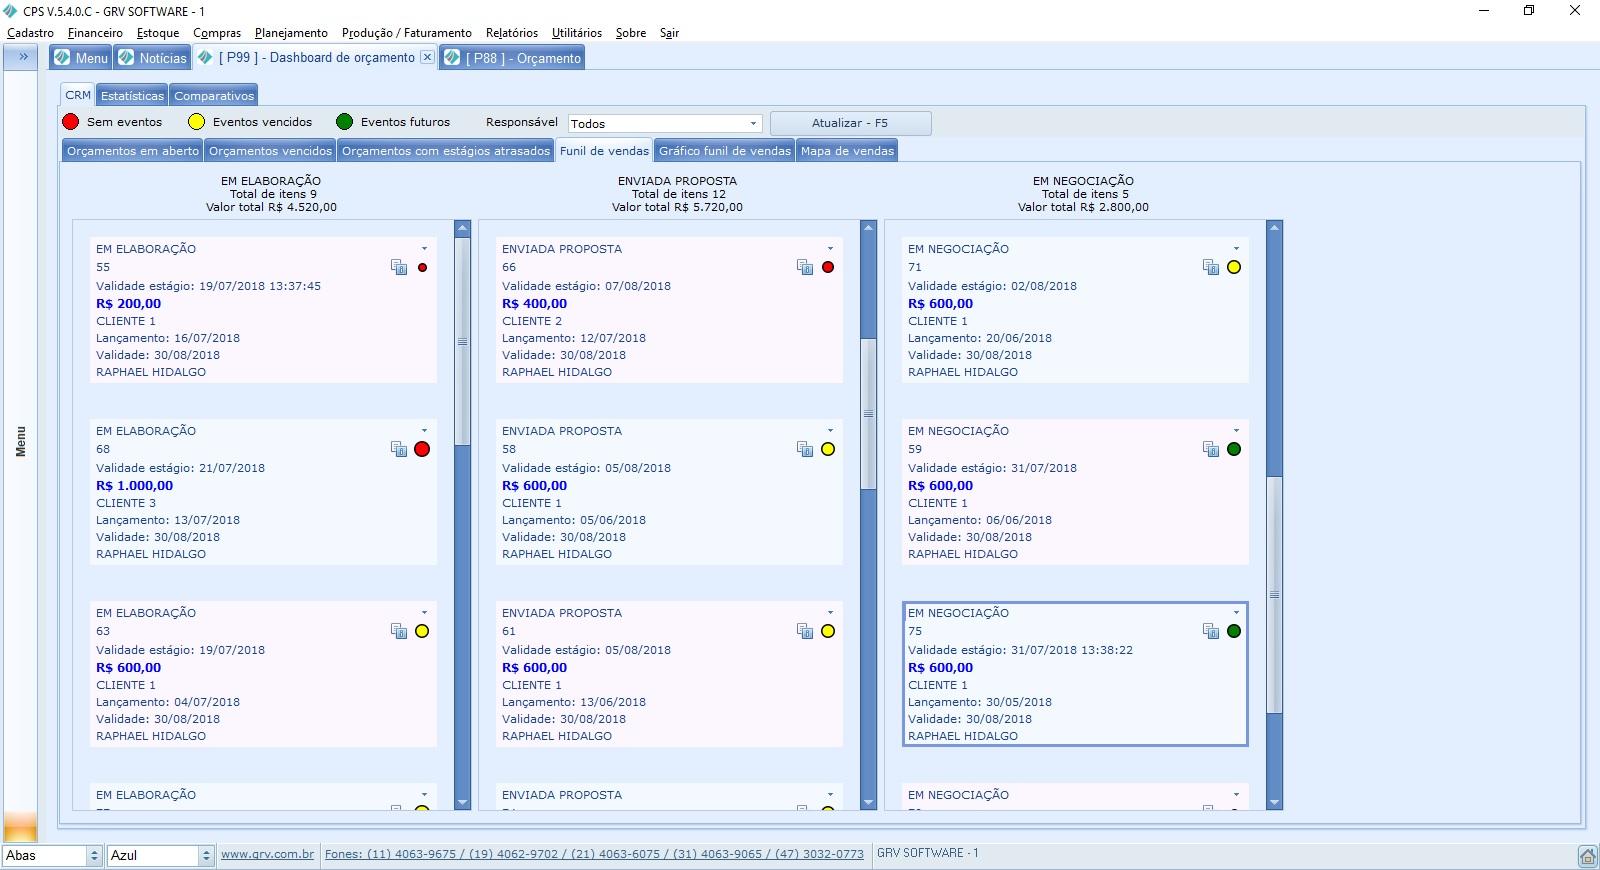 crm-grv-software-previsao-de- vendas